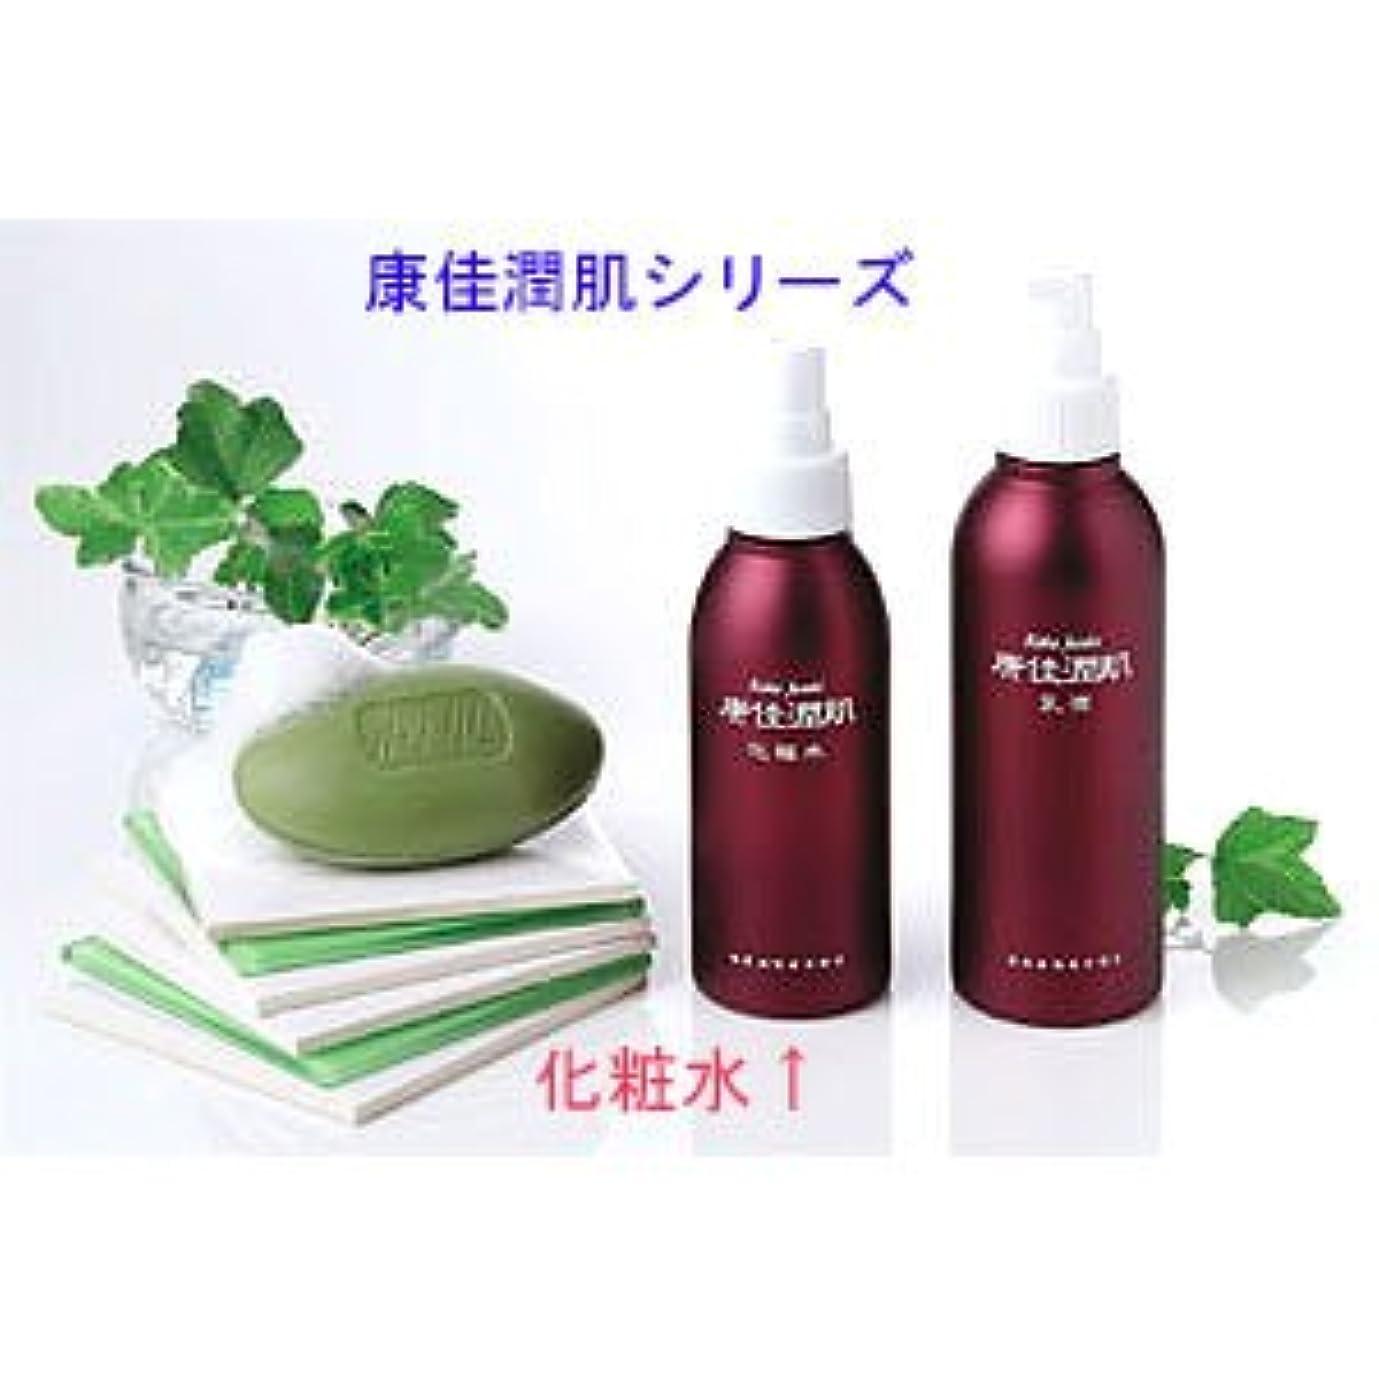 キャスト走るブーム『康佳潤肌(こうかじゅんき)化粧水』赤ちゃん、アトピー、敏感肌の方のために!医師が開発した保湿と清浄に優れた漢方薬入り化粧品。